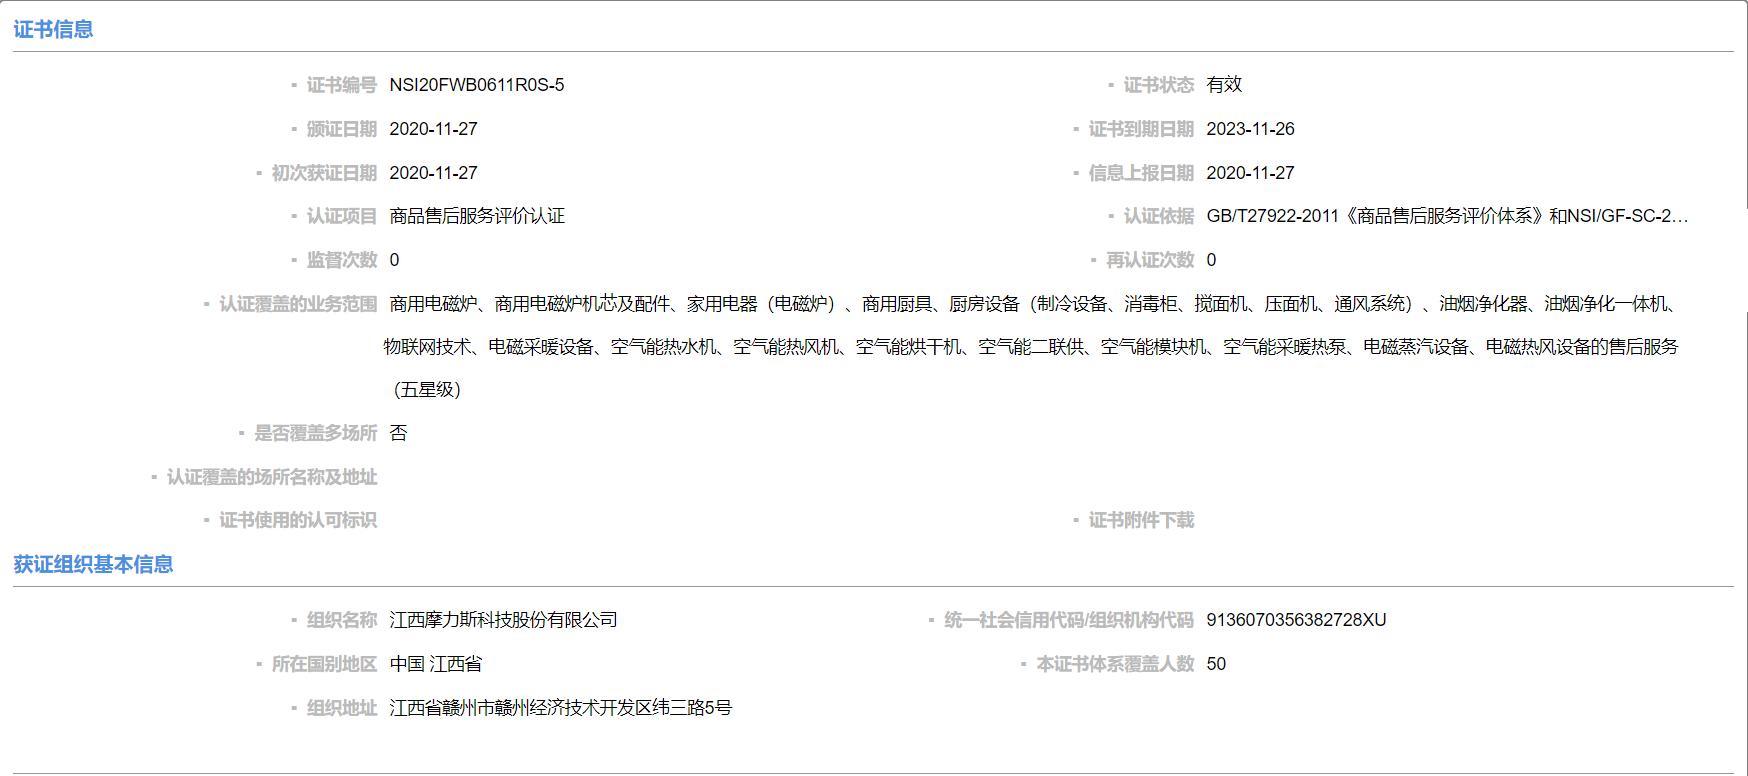 四川商用电磁炉五星售后服务产品